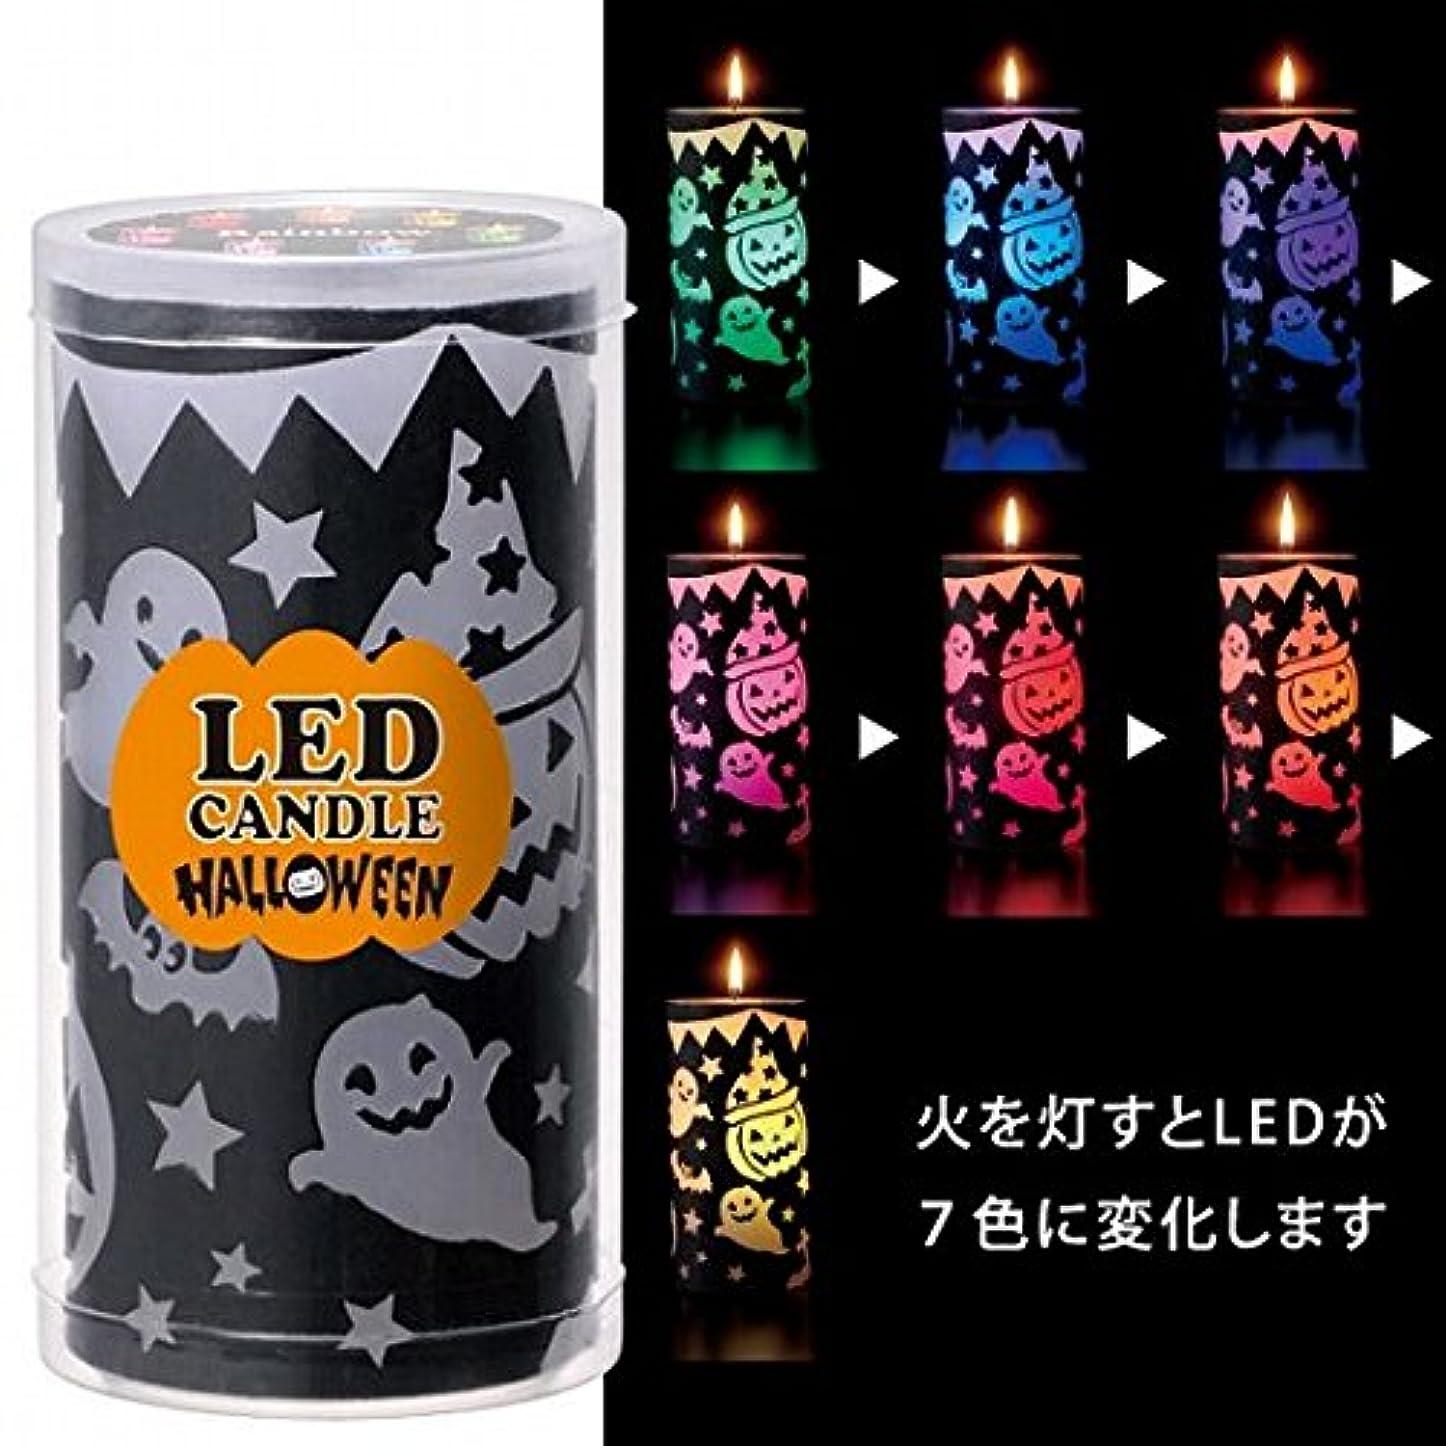 氏リーガン代わりにを立てるカメヤマキャンドル( kameyama candle ) LEDピラーパンプキン キャンドル